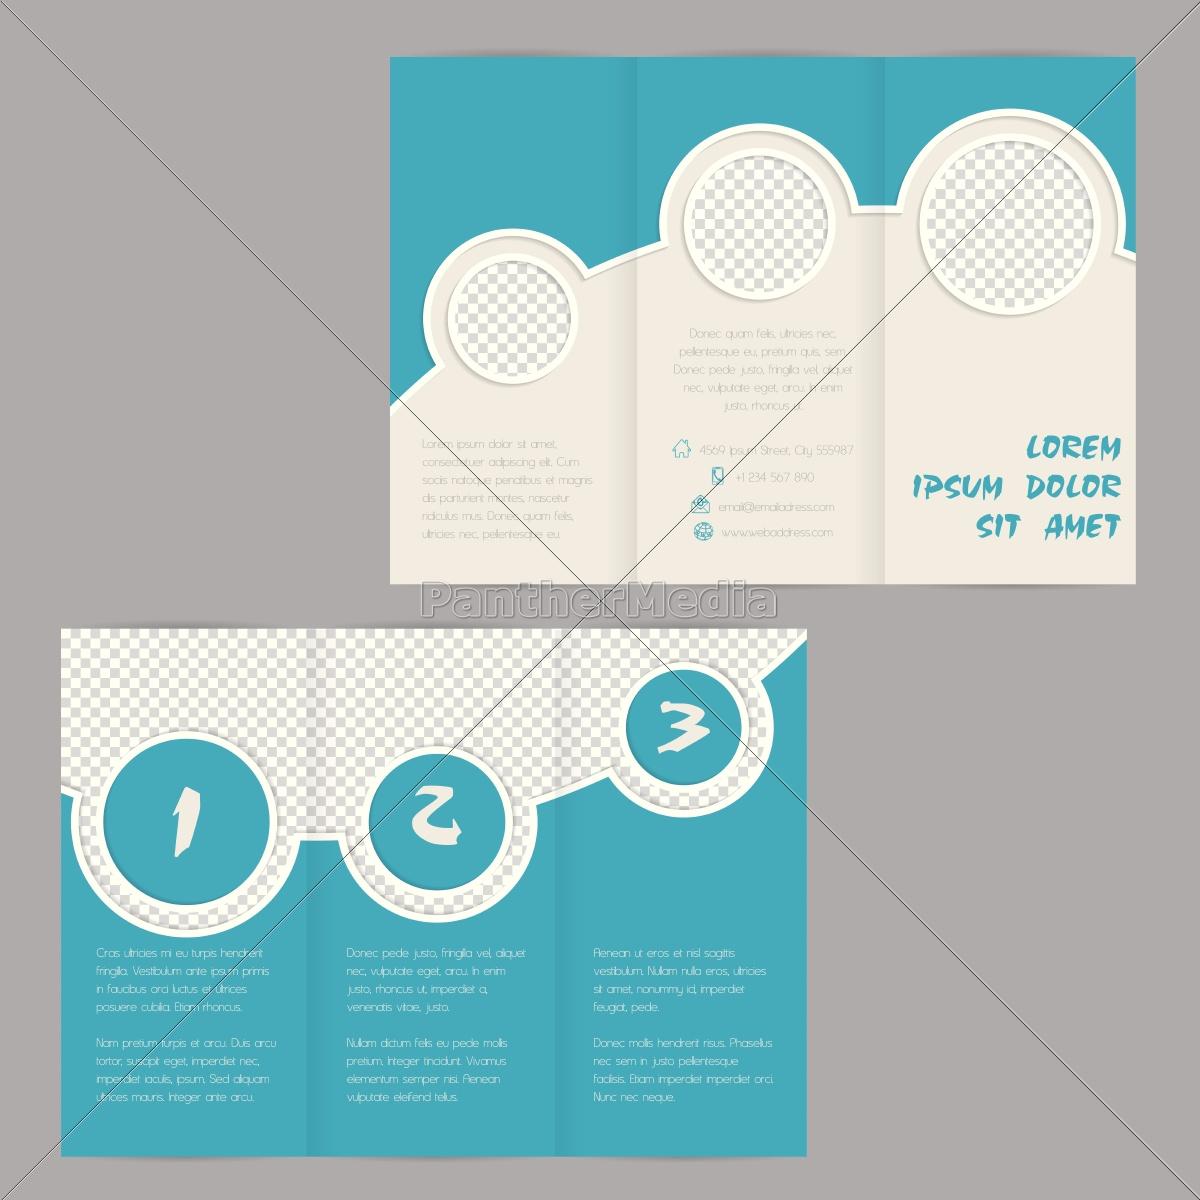 coole ring design tri brosch re vorlage lizenzfreies bild 14240147 bildagentur panthermedia. Black Bedroom Furniture Sets. Home Design Ideas